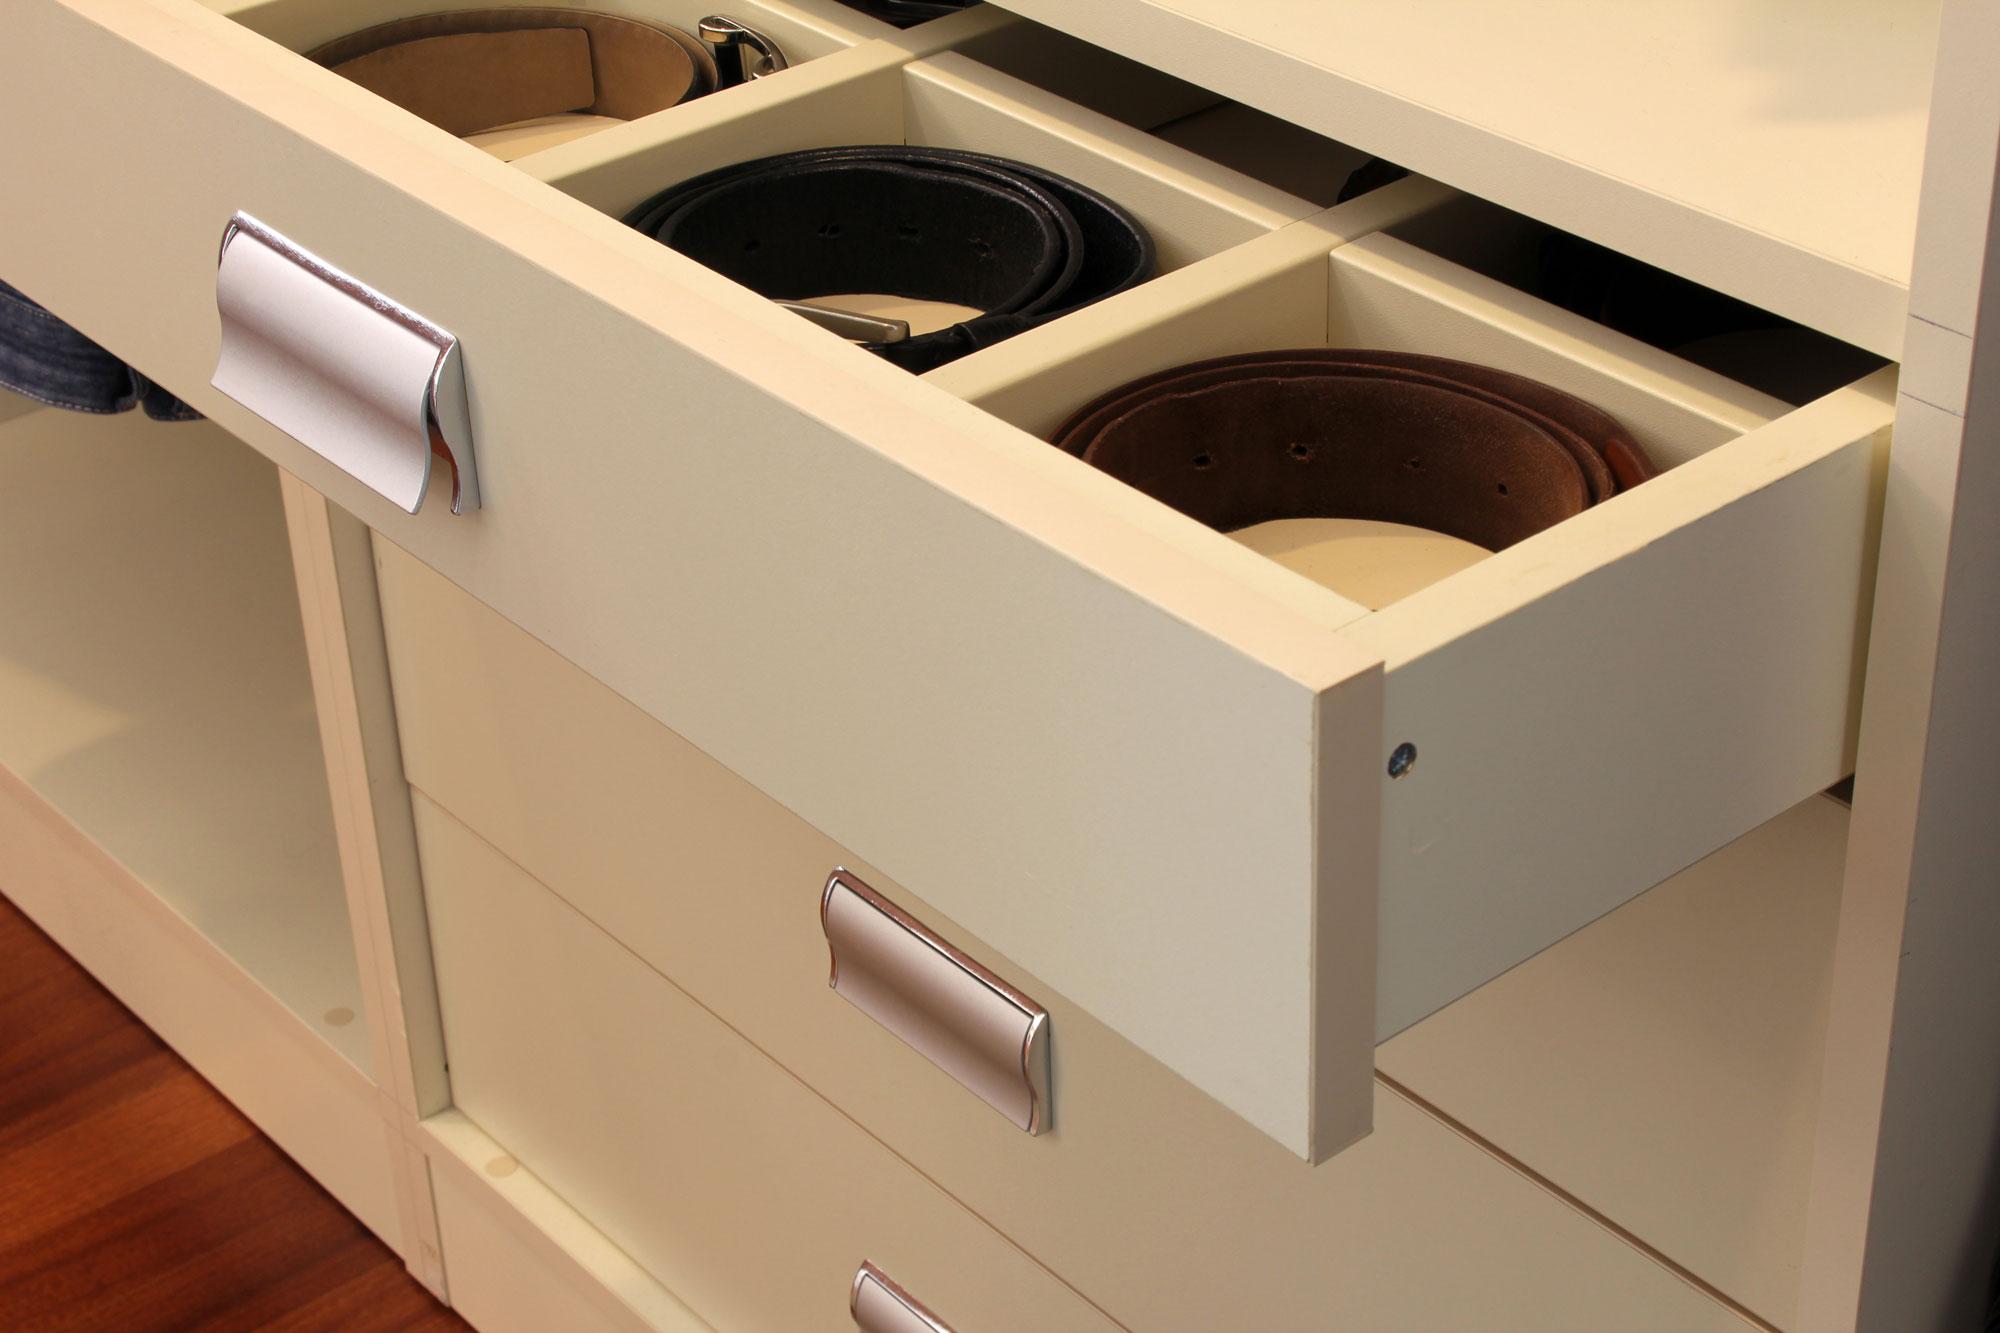 Практичные идеи для хранения ремней: 30 вариантов - в гардер.